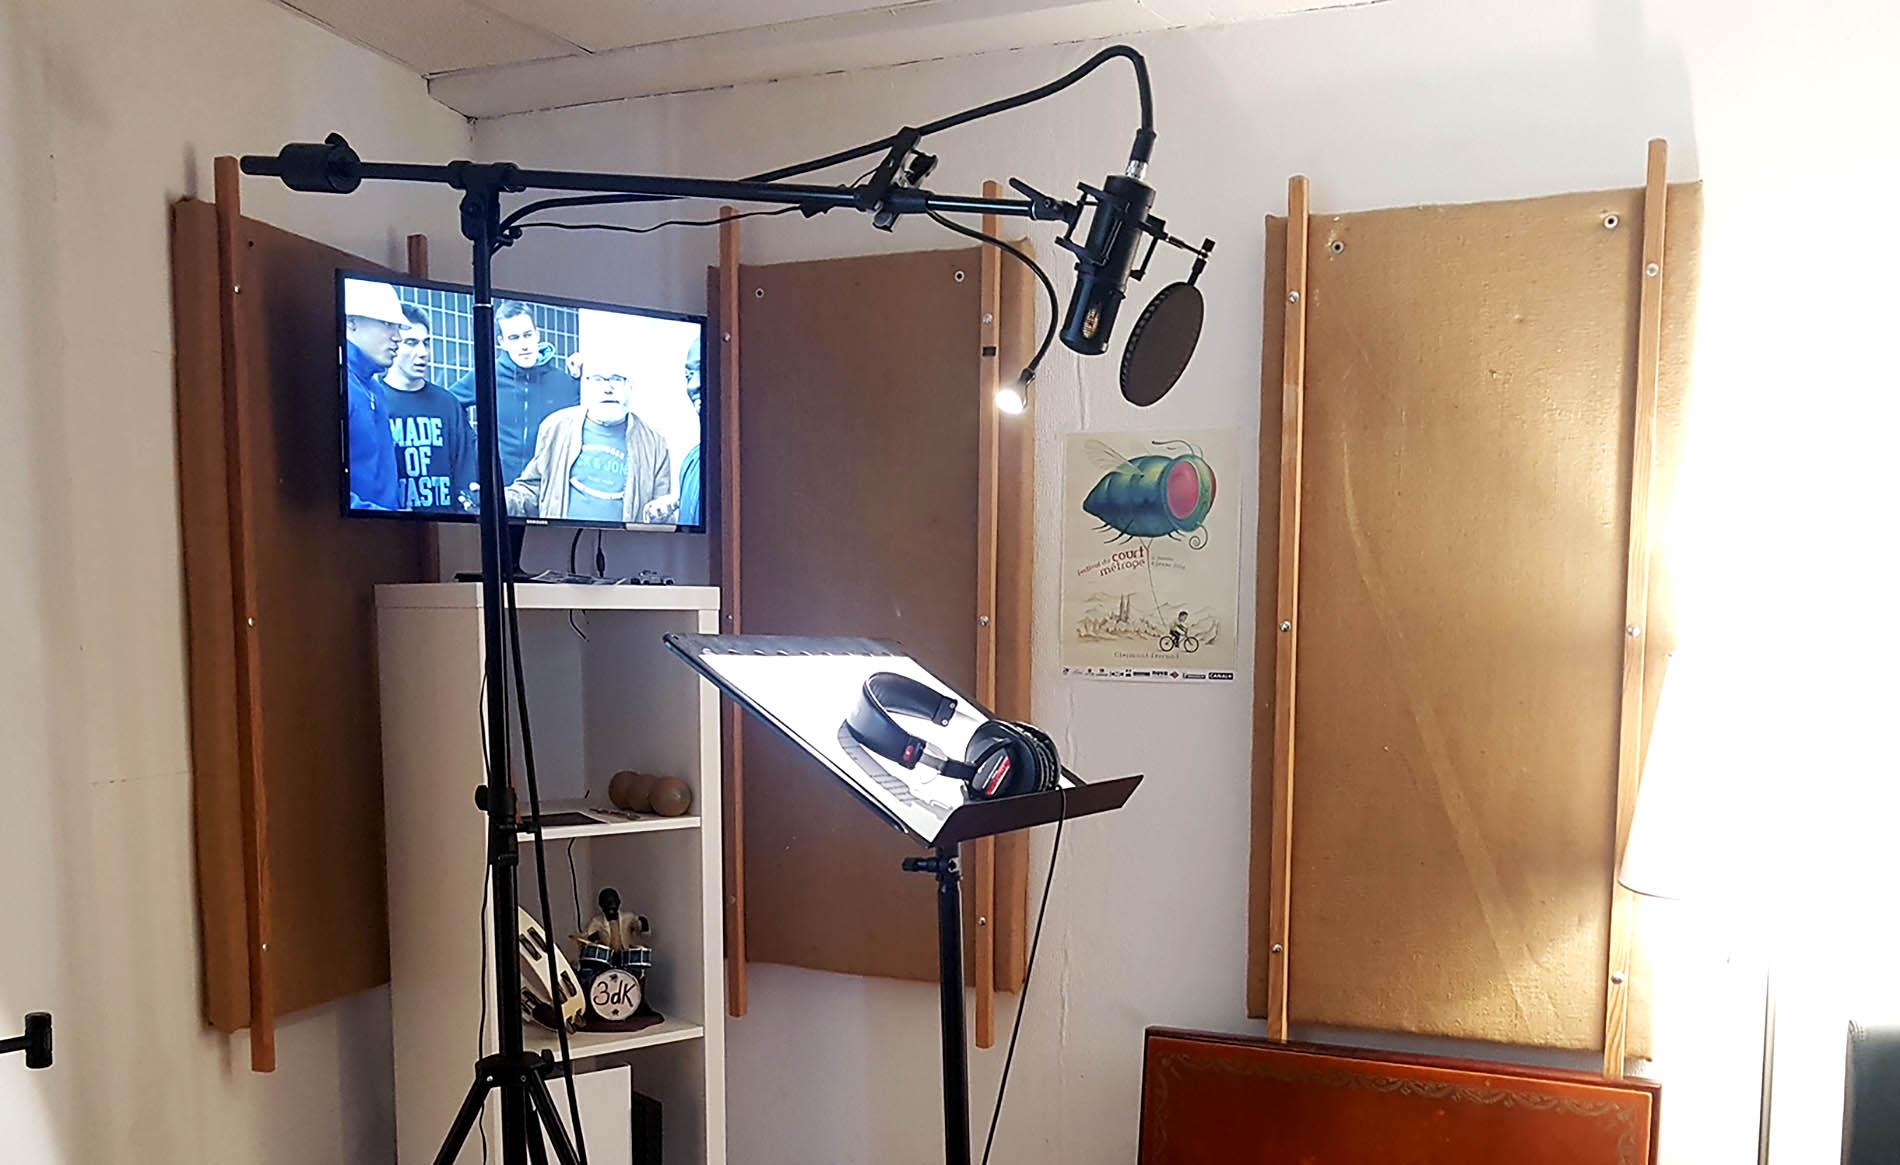 cabine d'enregistrement pour voix off